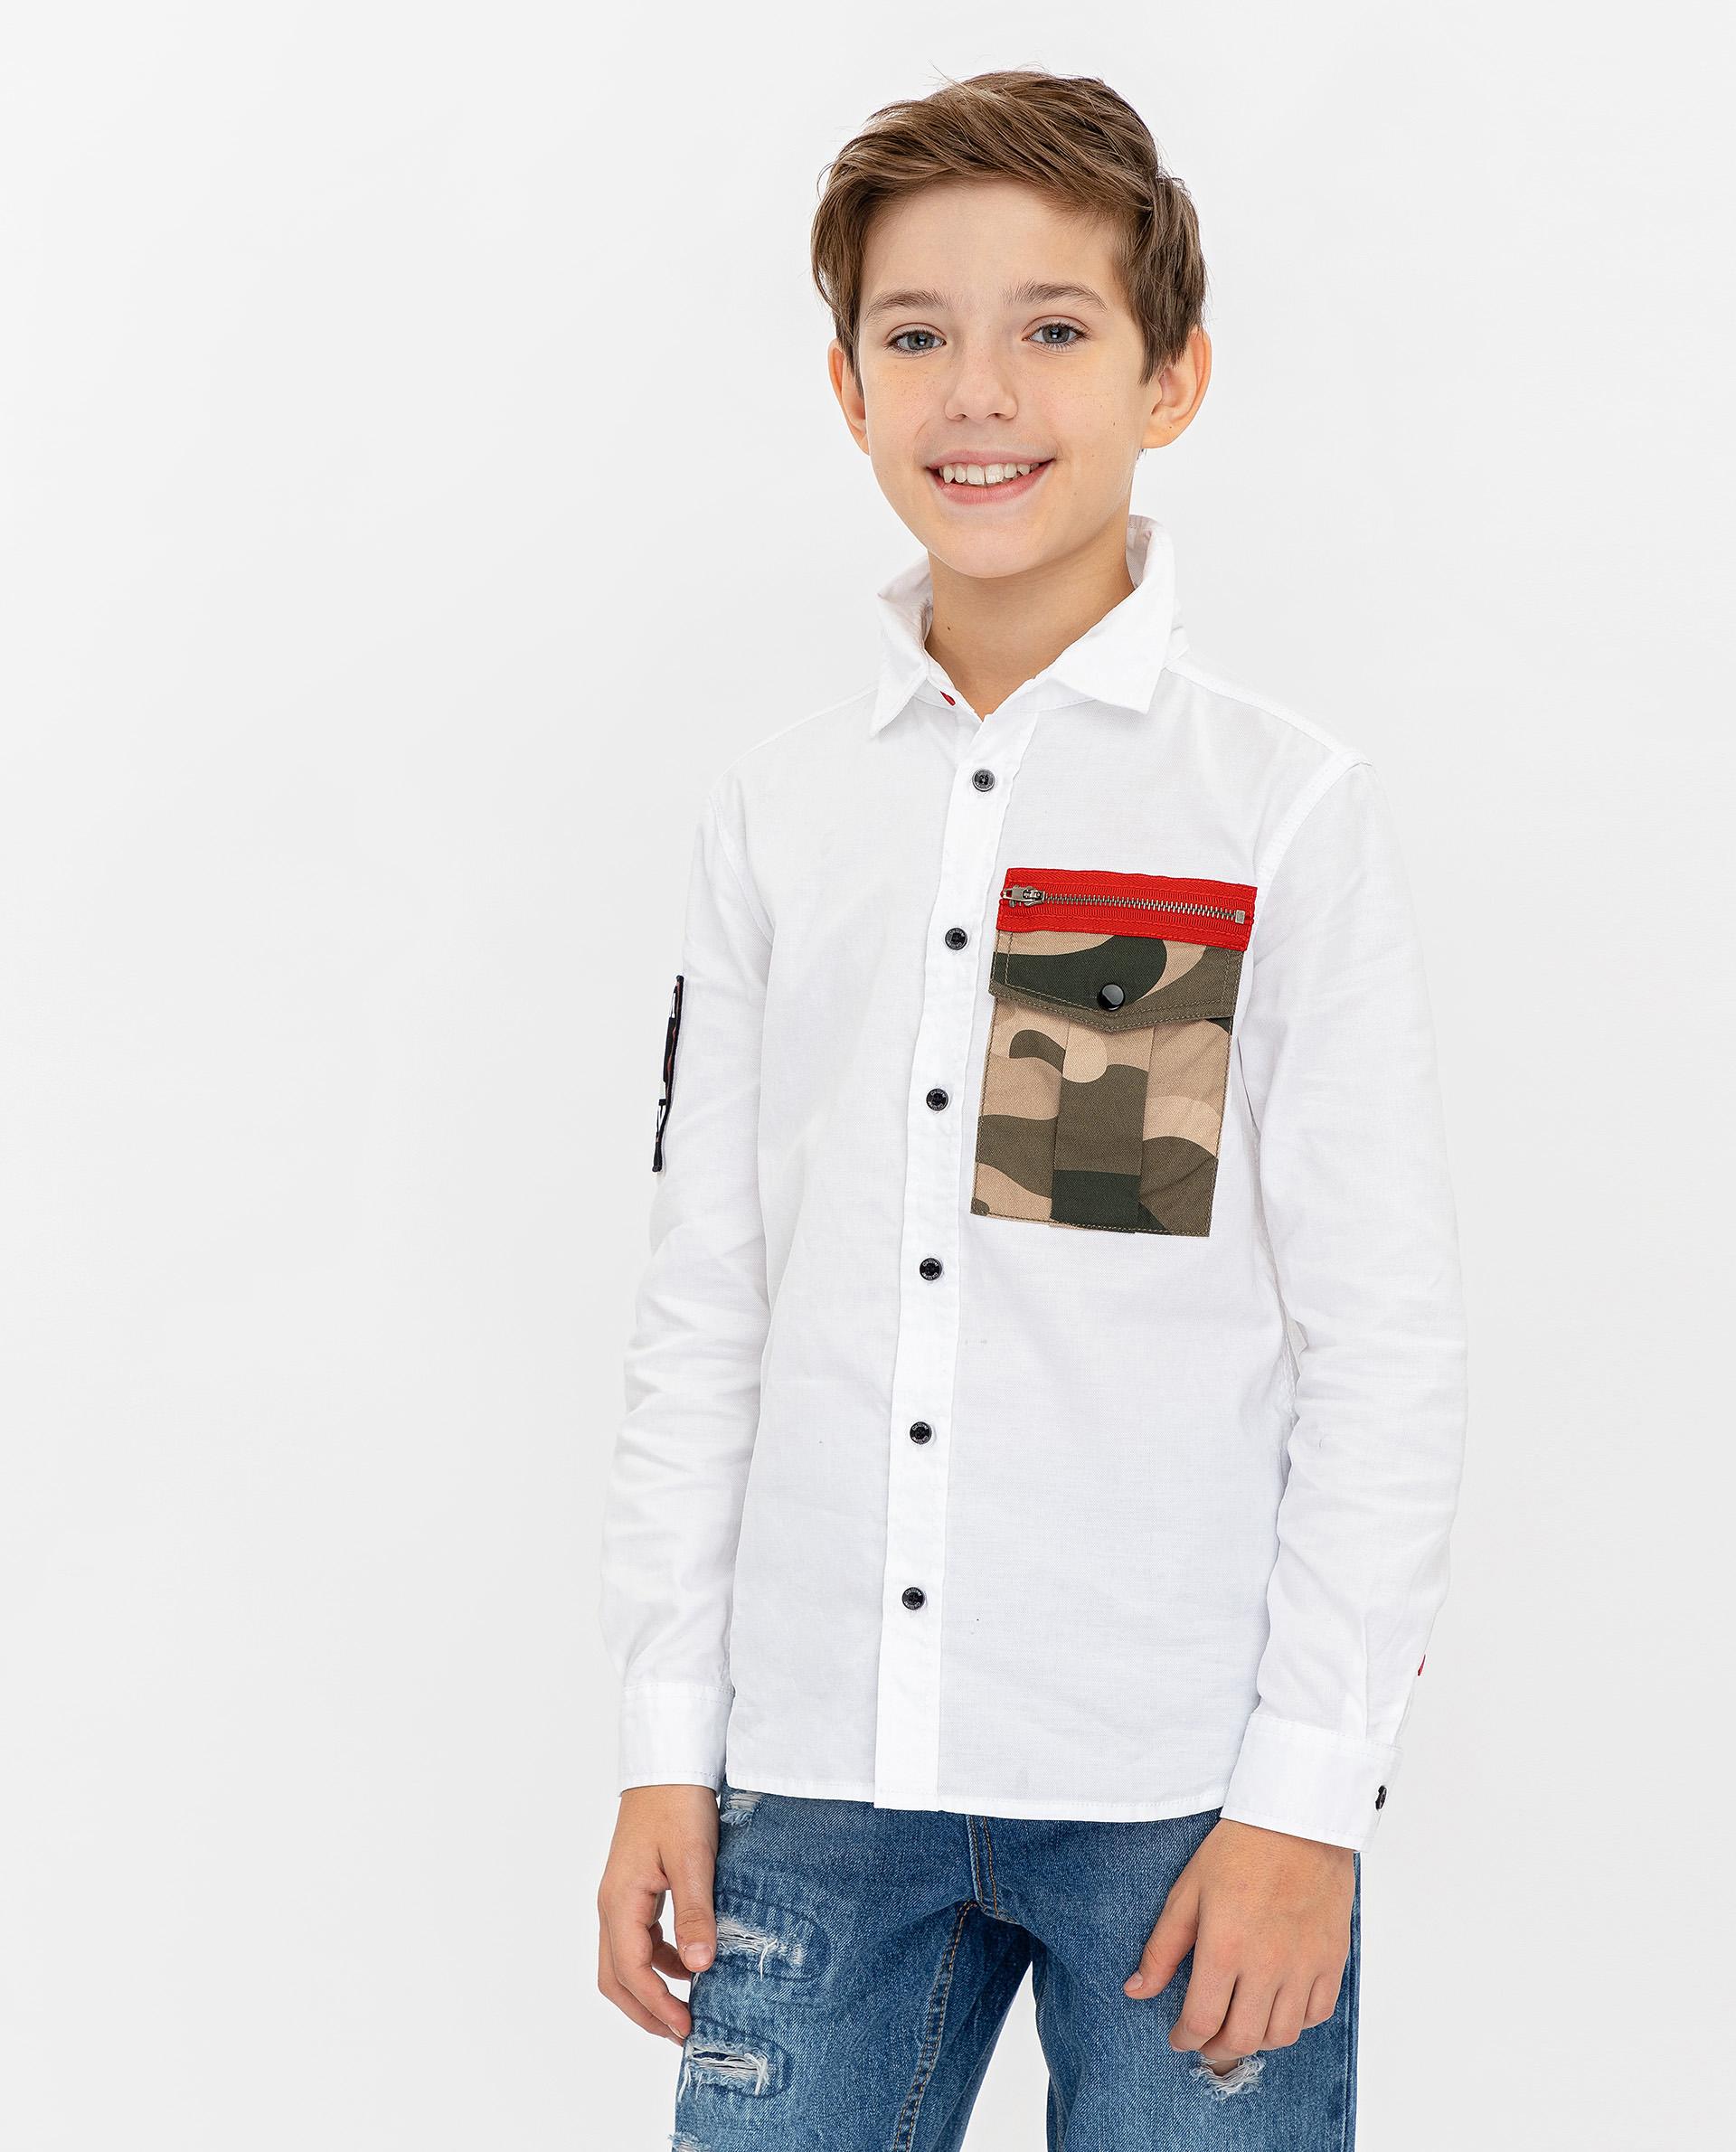 Купить 12010BJC2301, Белая рубашка Gulliver, белый, 134, Мужской, ВЕСНА/ЛЕТО 2020 (shop: GulliverMarket Gulliver Market)